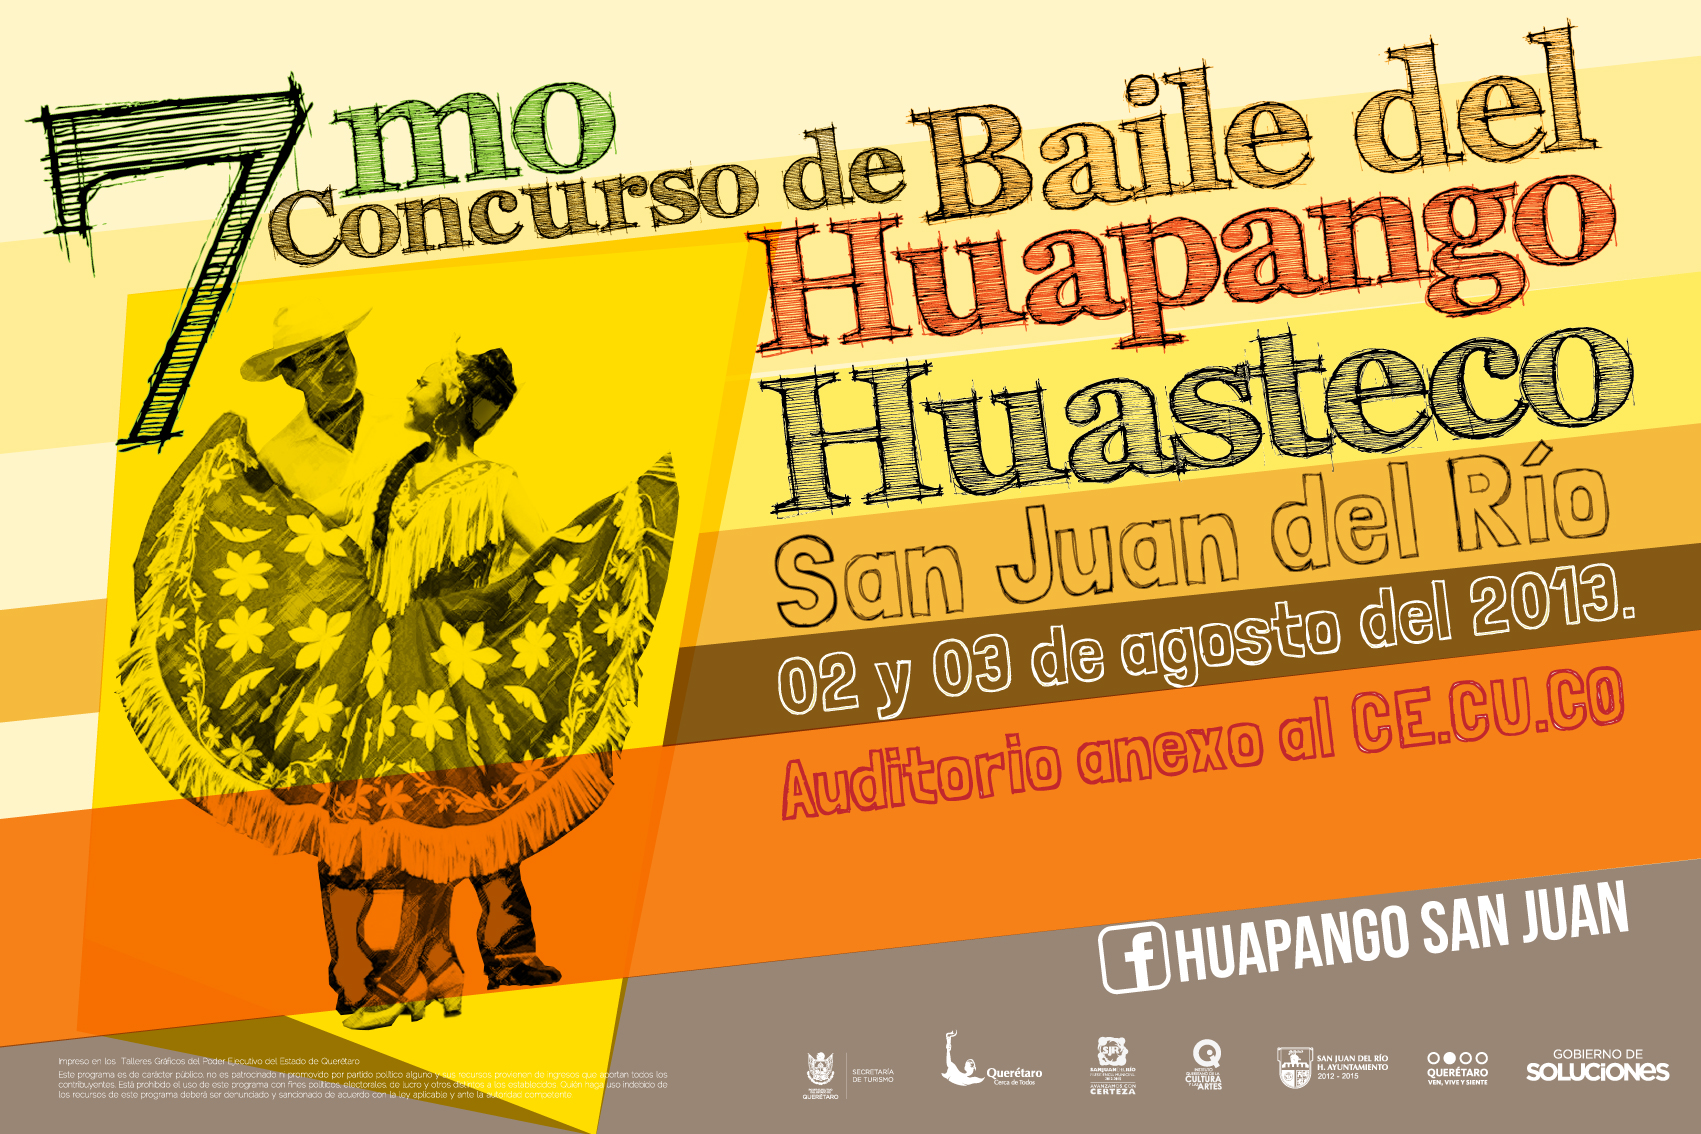 7mo Concurso de Baile del Huapango Huasteco